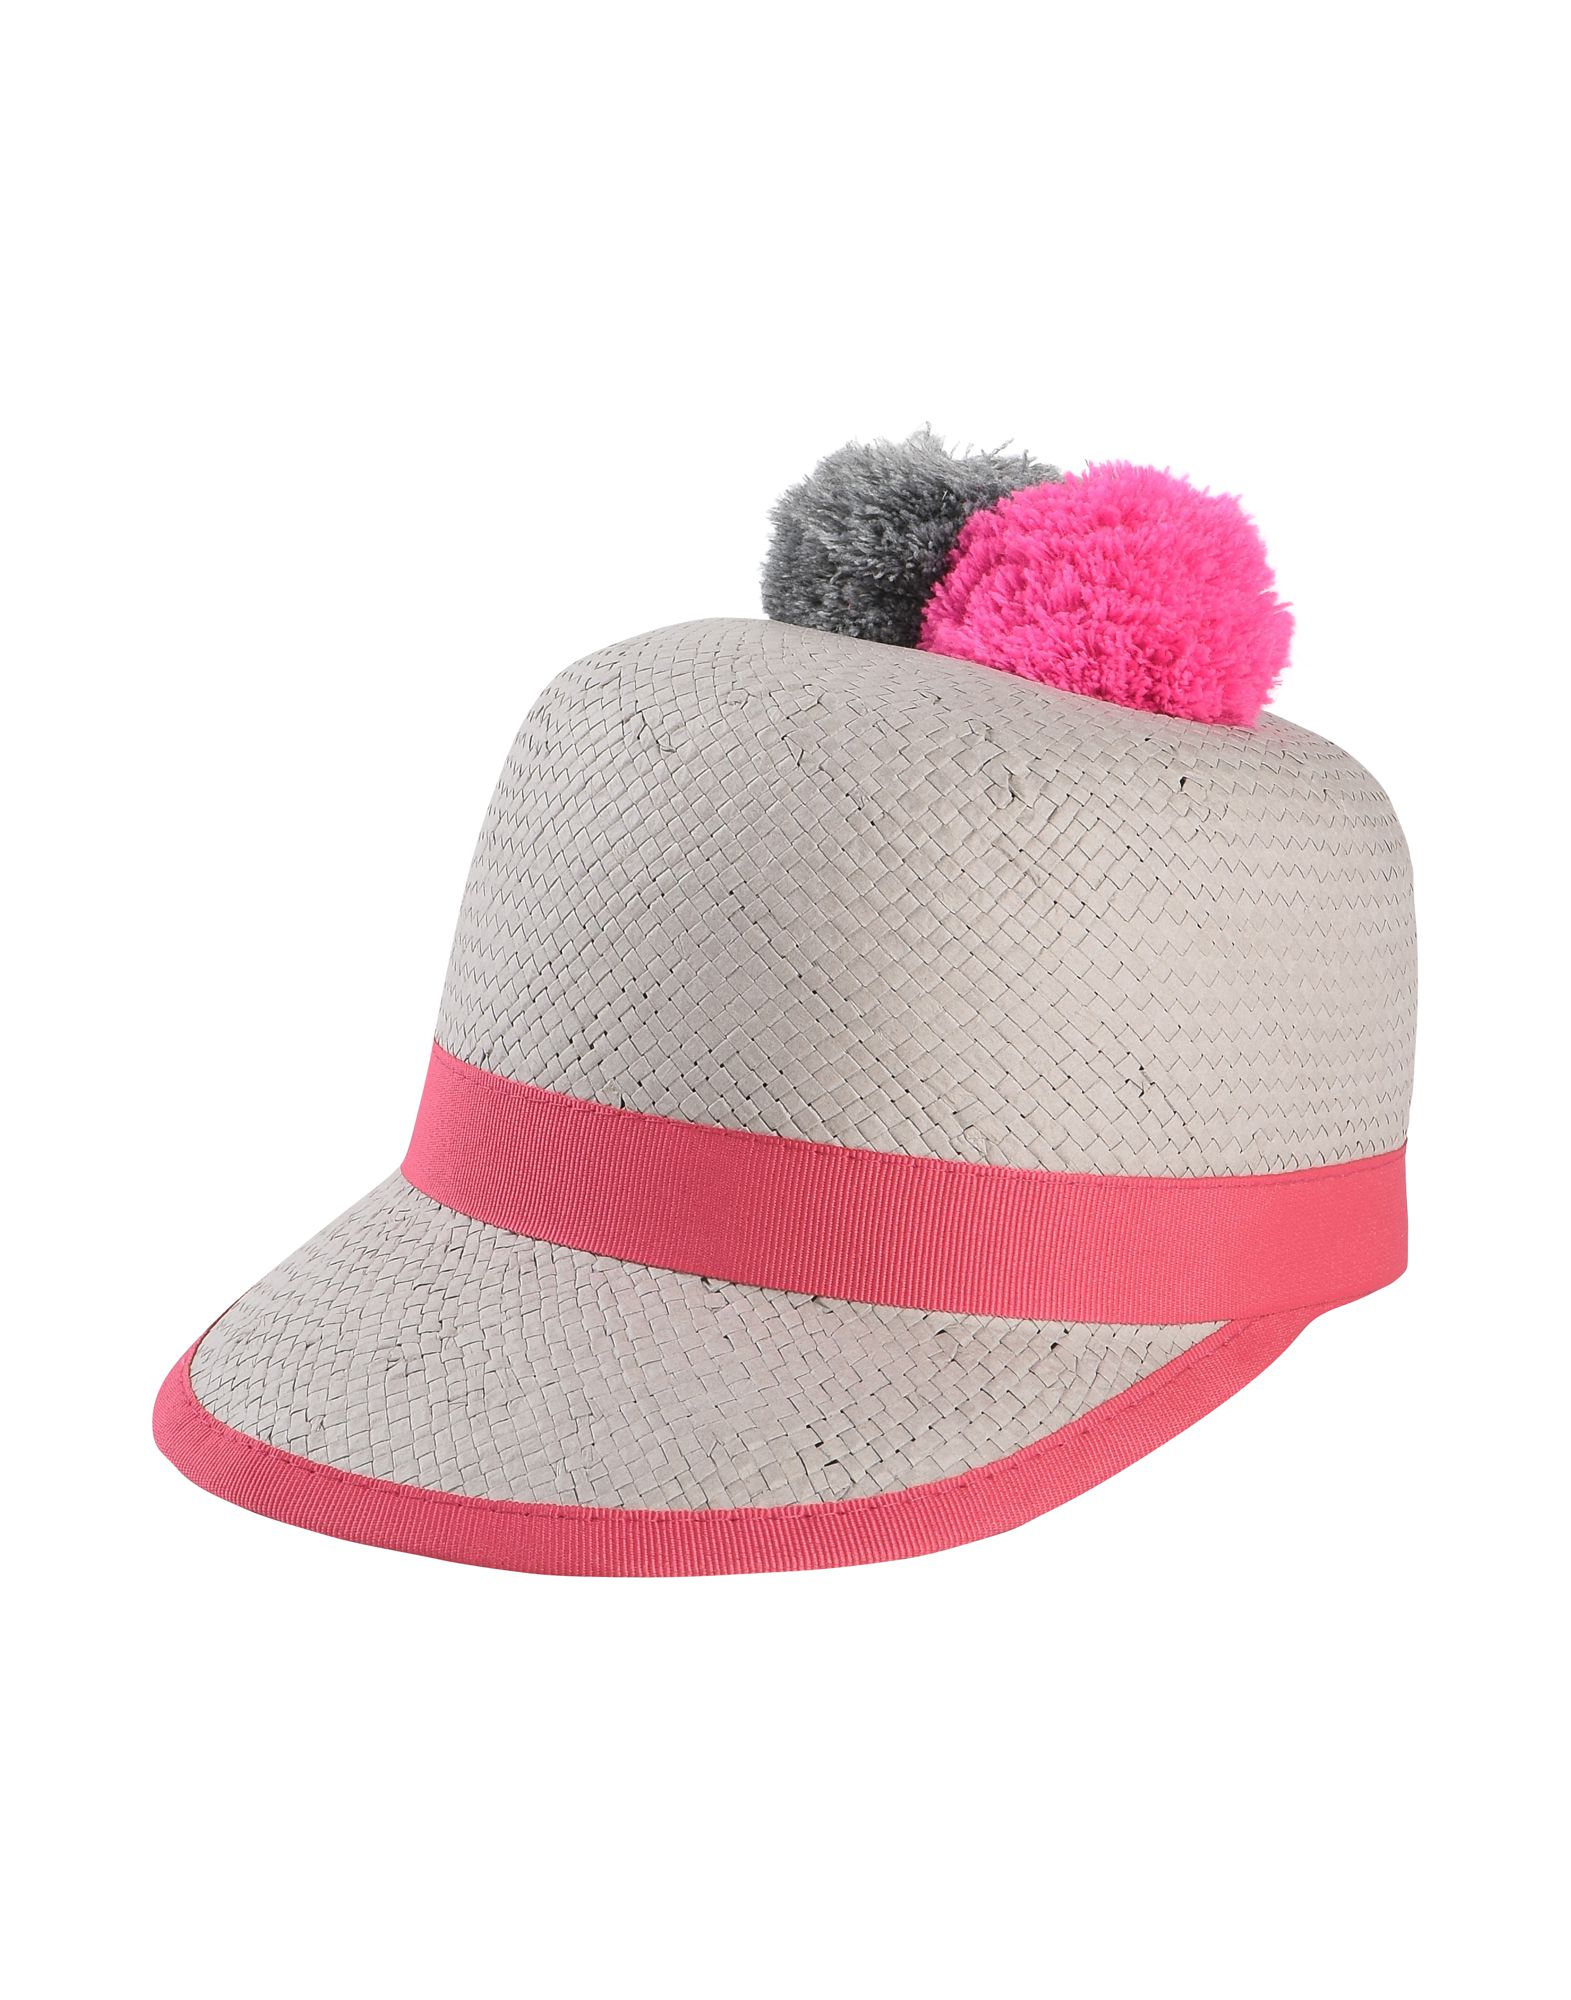 《セール開催中》HELENE BERMAN London レディース 帽子 ライトグレー 57 指定外繊維(紙) 100% BASEBALL CAP WITH 2 POMS